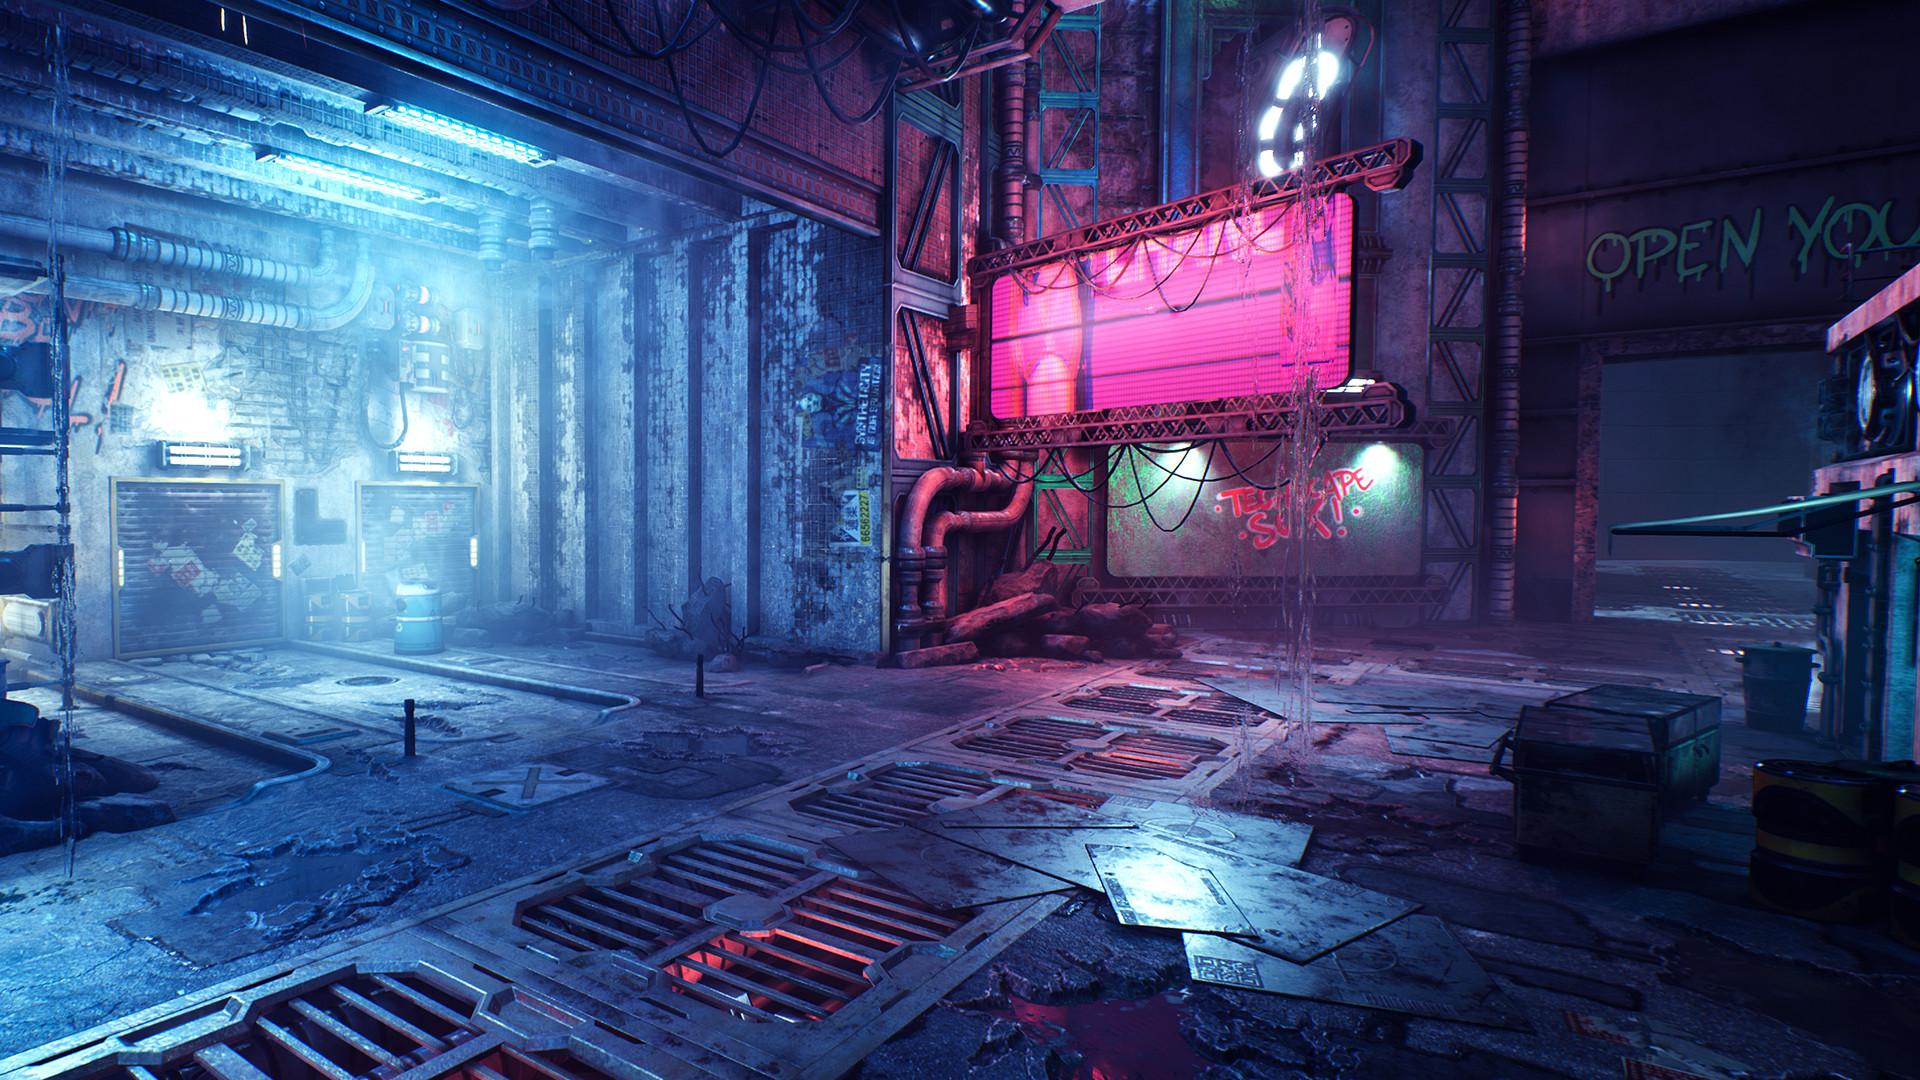 赛博朋克第一人称动作游戏《幽灵行者》公布 Steam支持简中